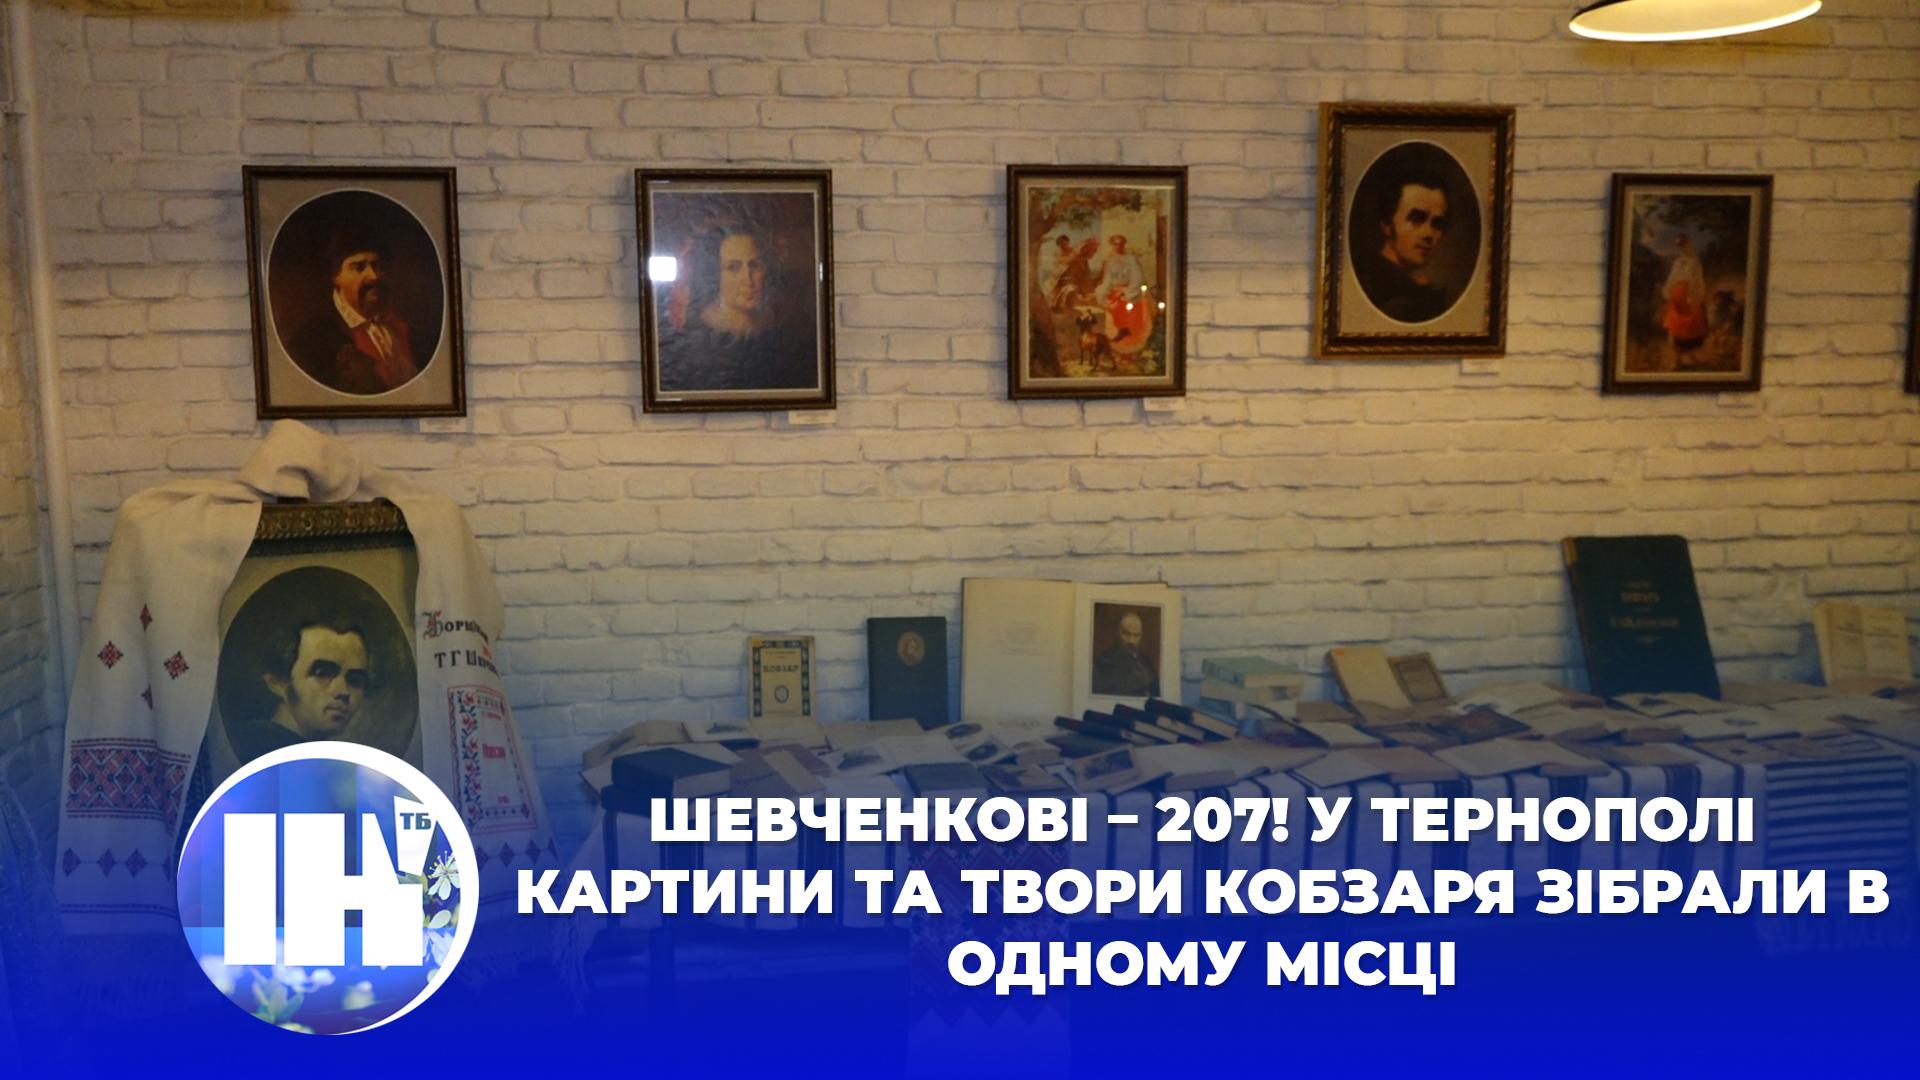 Шевченкові – 207! У Тернополі картини та твори Кобзаря зібрали в одному місці